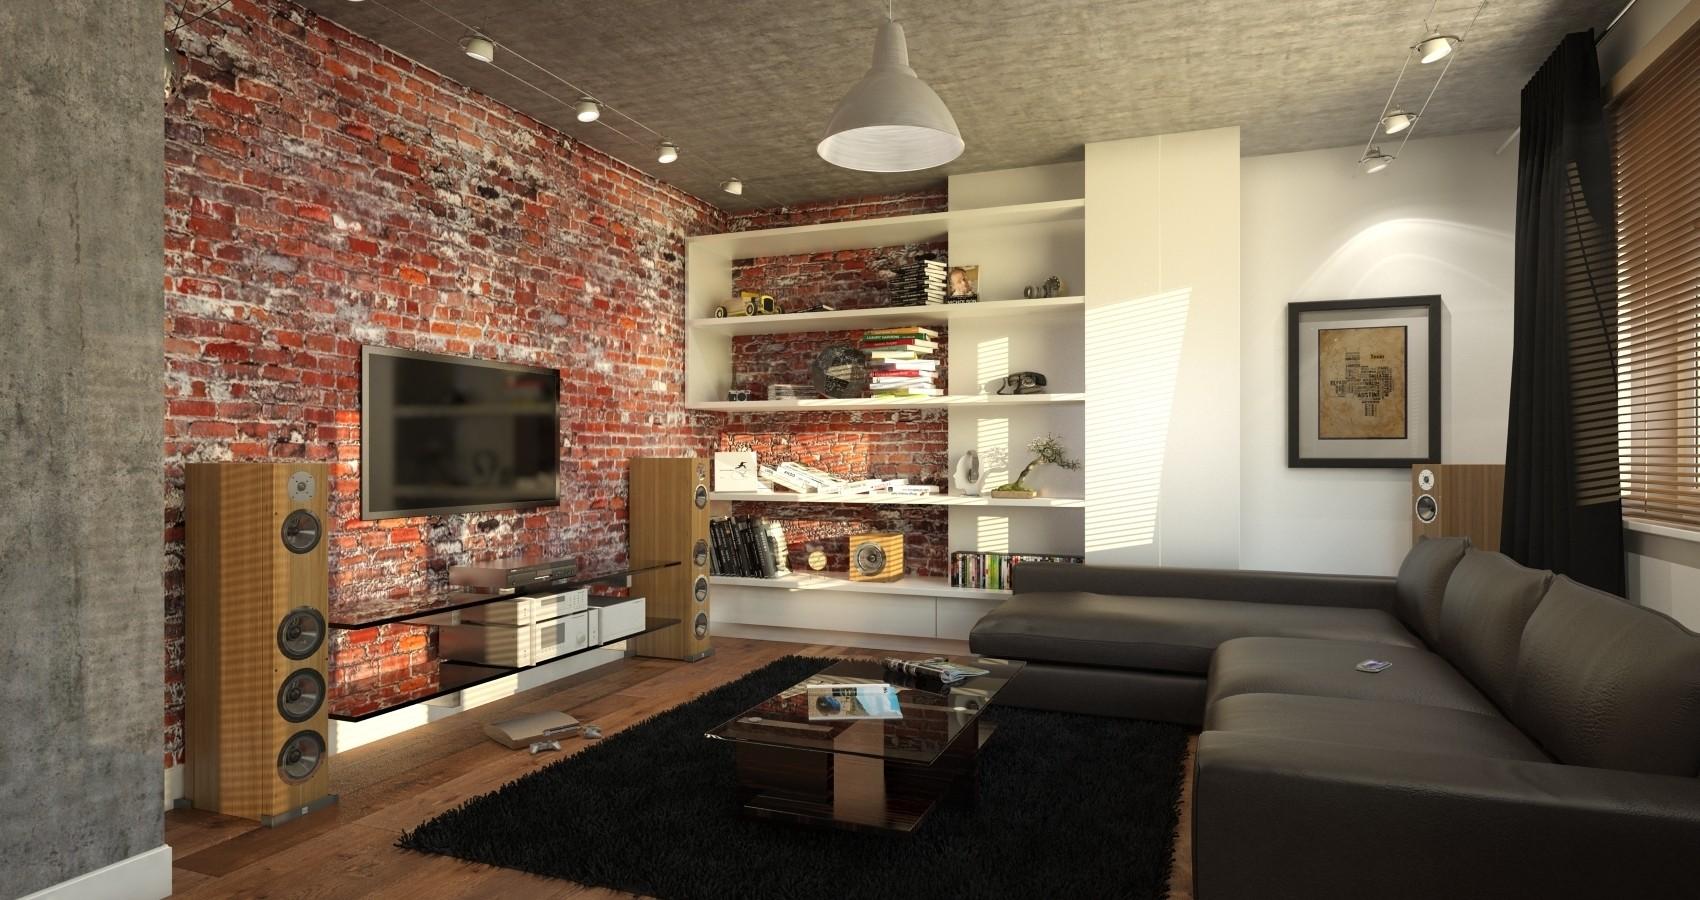 Дизайн маленькой комнаты (96 фото): примеры ремонта небольшой квартиры площадью 9 кв. м, идеи-2020 для интерьера малогабаритной спальни в «хрущевке»